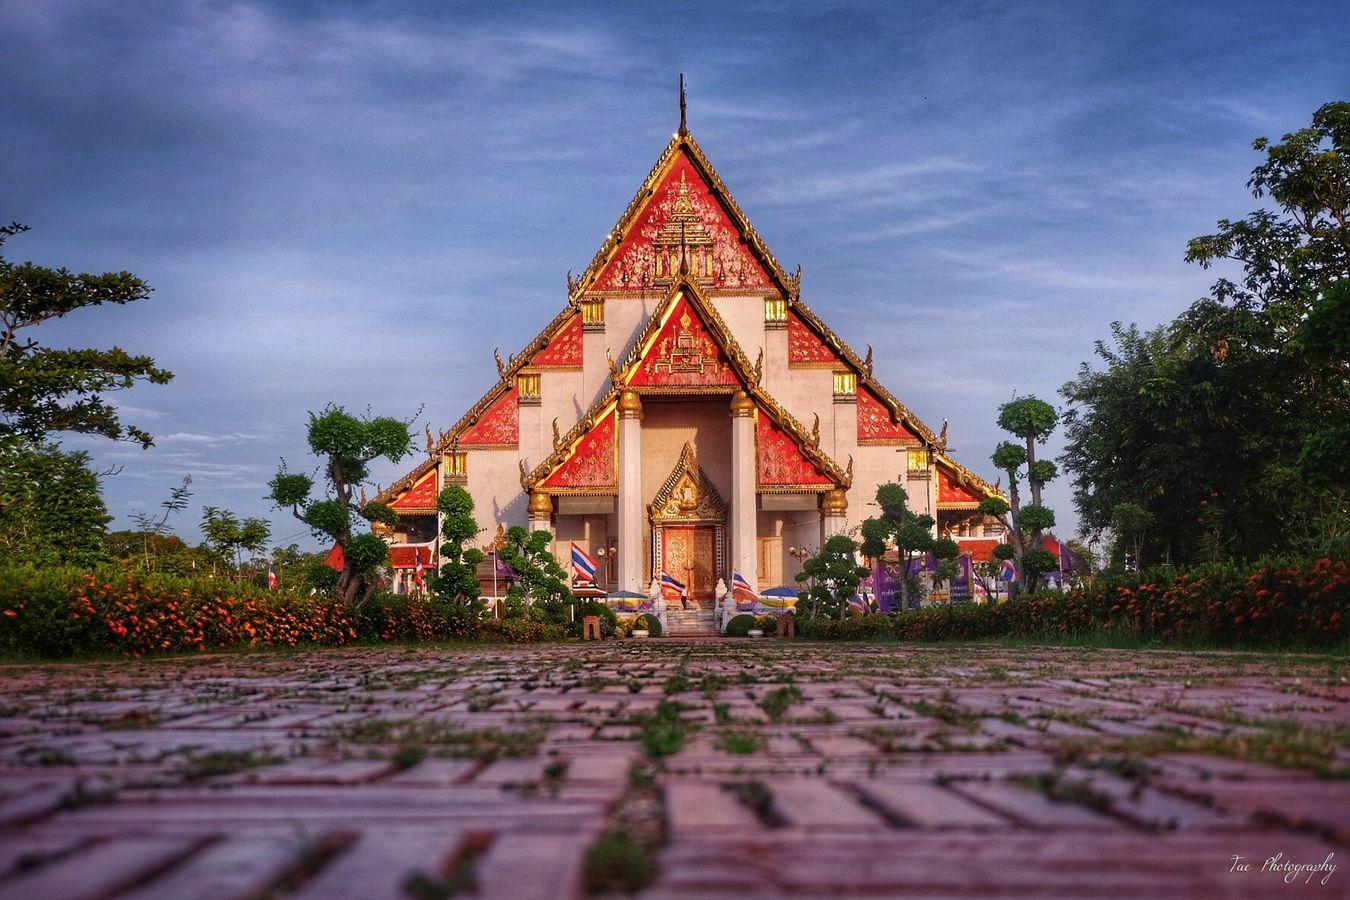 ผ ม นี่ แ ท บ จะ น อ น เ ล ย Walking Around Fujifilm X-m1 Photography Eyeemthailand Taking Photos Relaxing EyeEm Best Shots Enjoying Life Beatiful Thailand Hello World